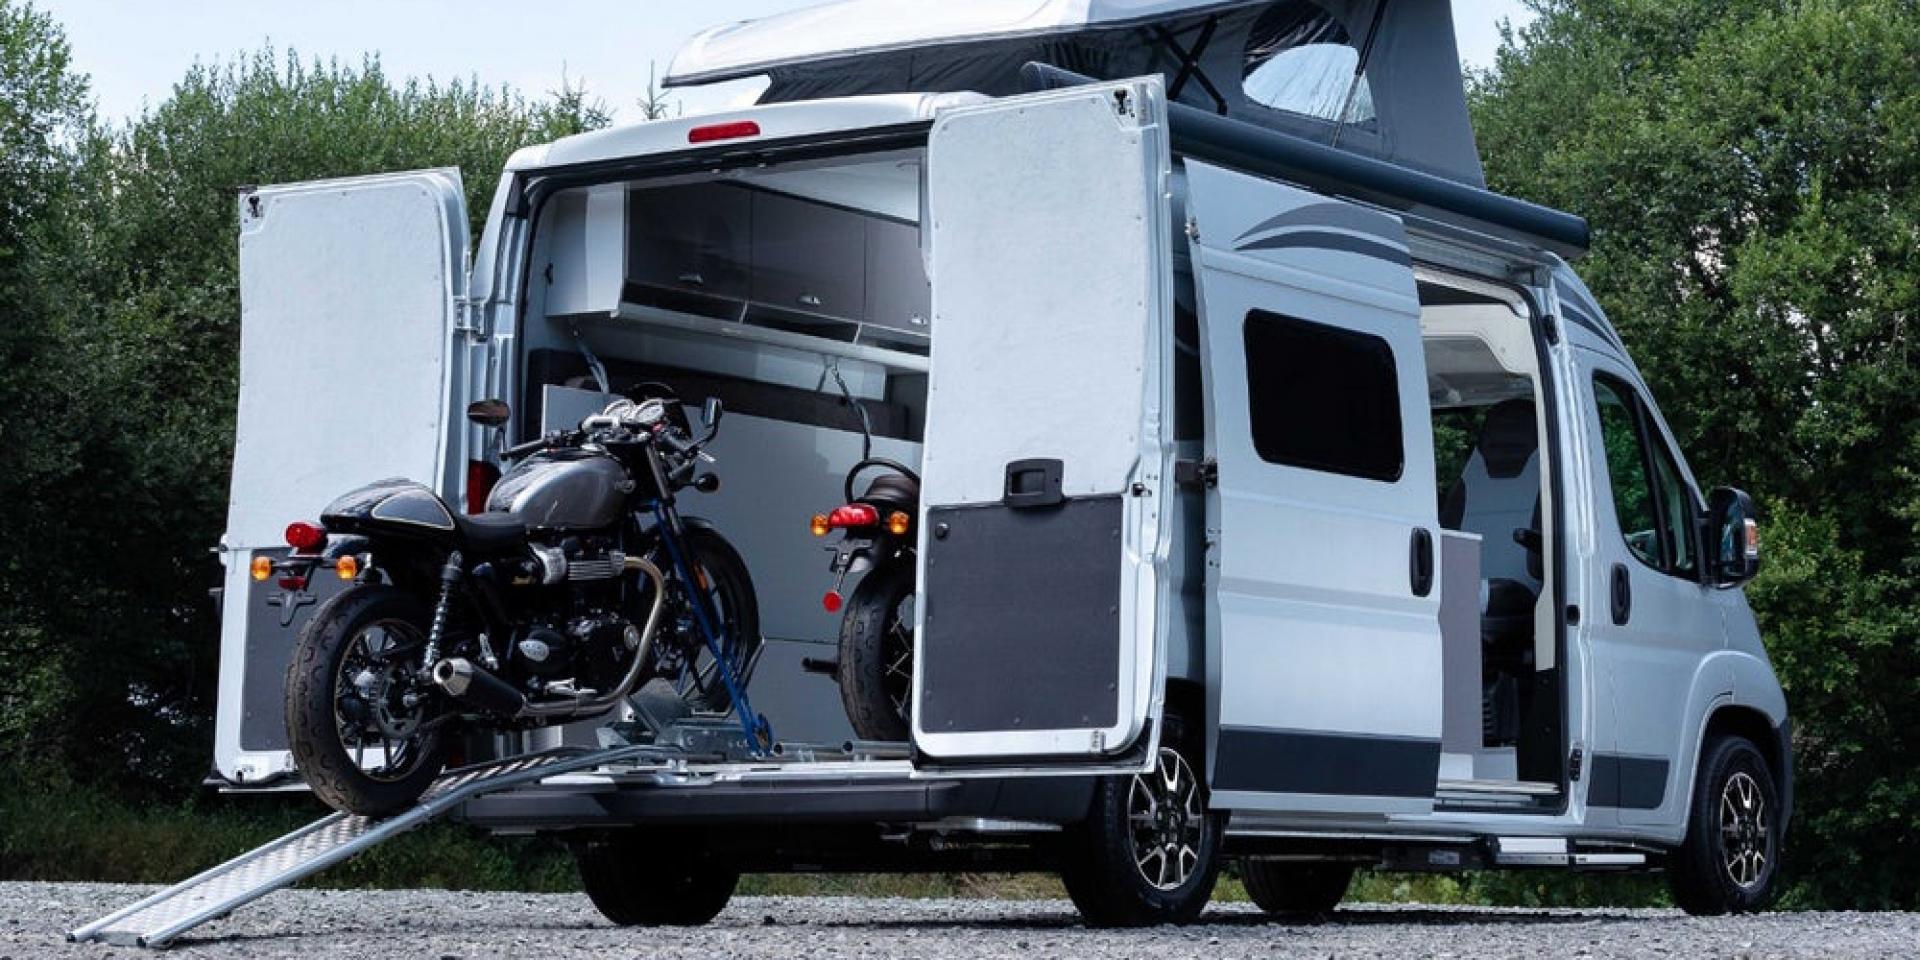 帶著你的機車去露營!Citroën Jumper Biker露營車